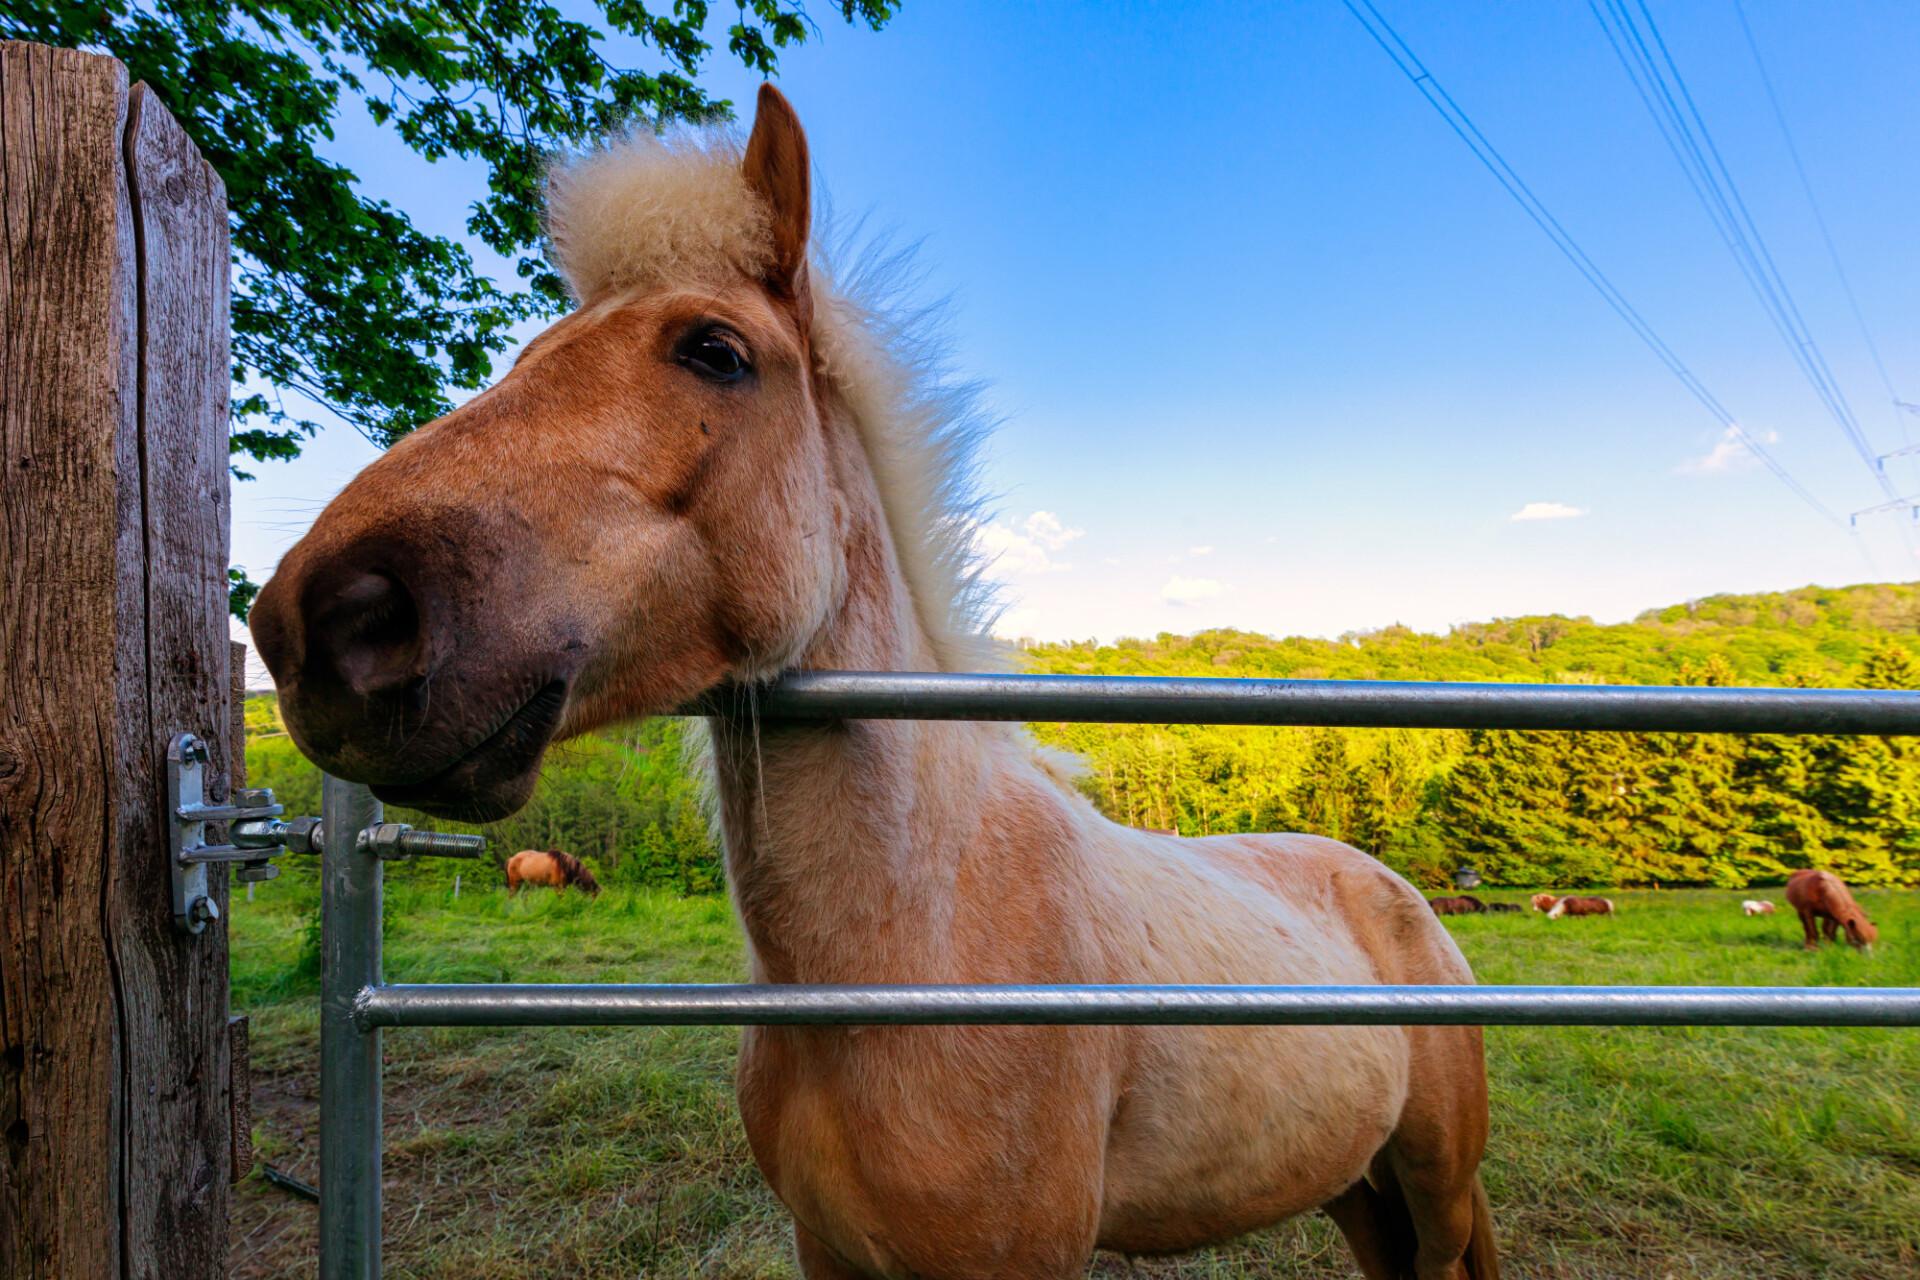 Portrait of a curious pony